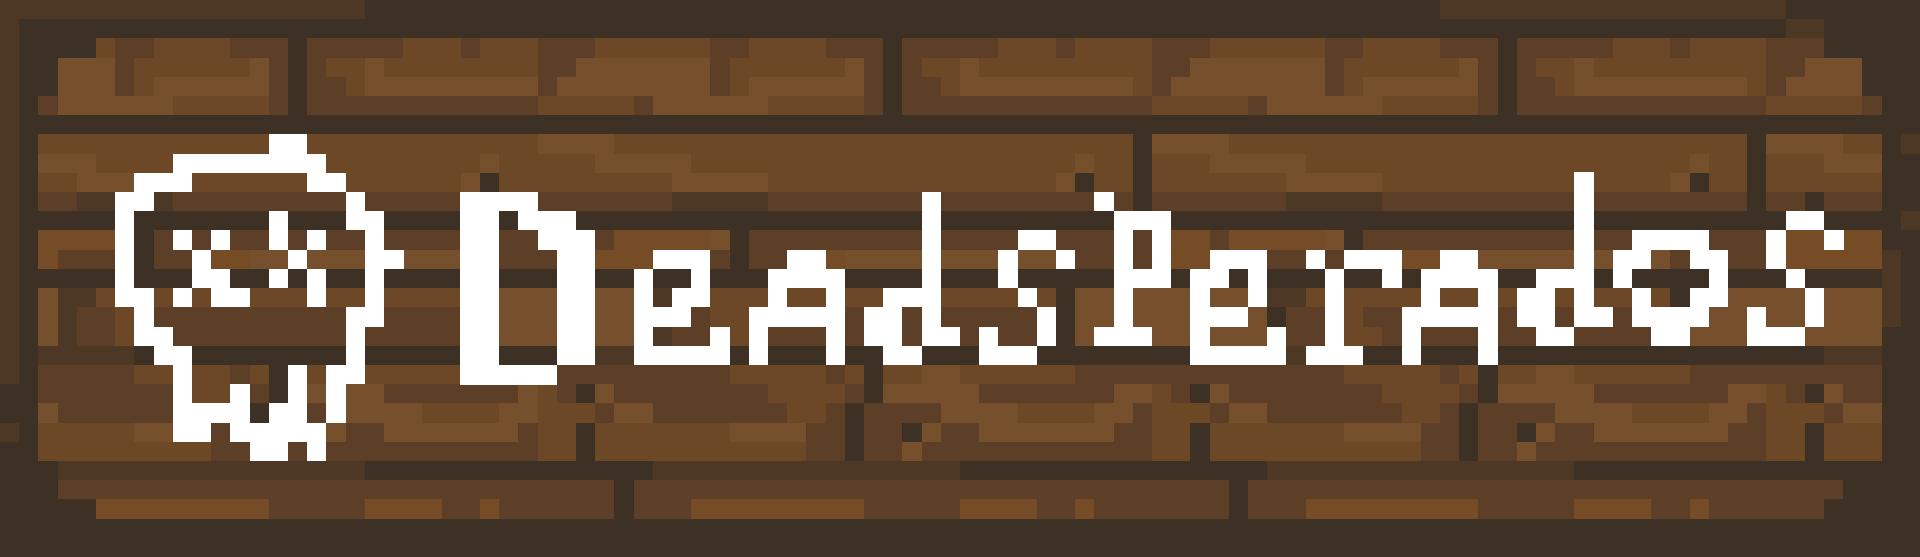 Deadsperados